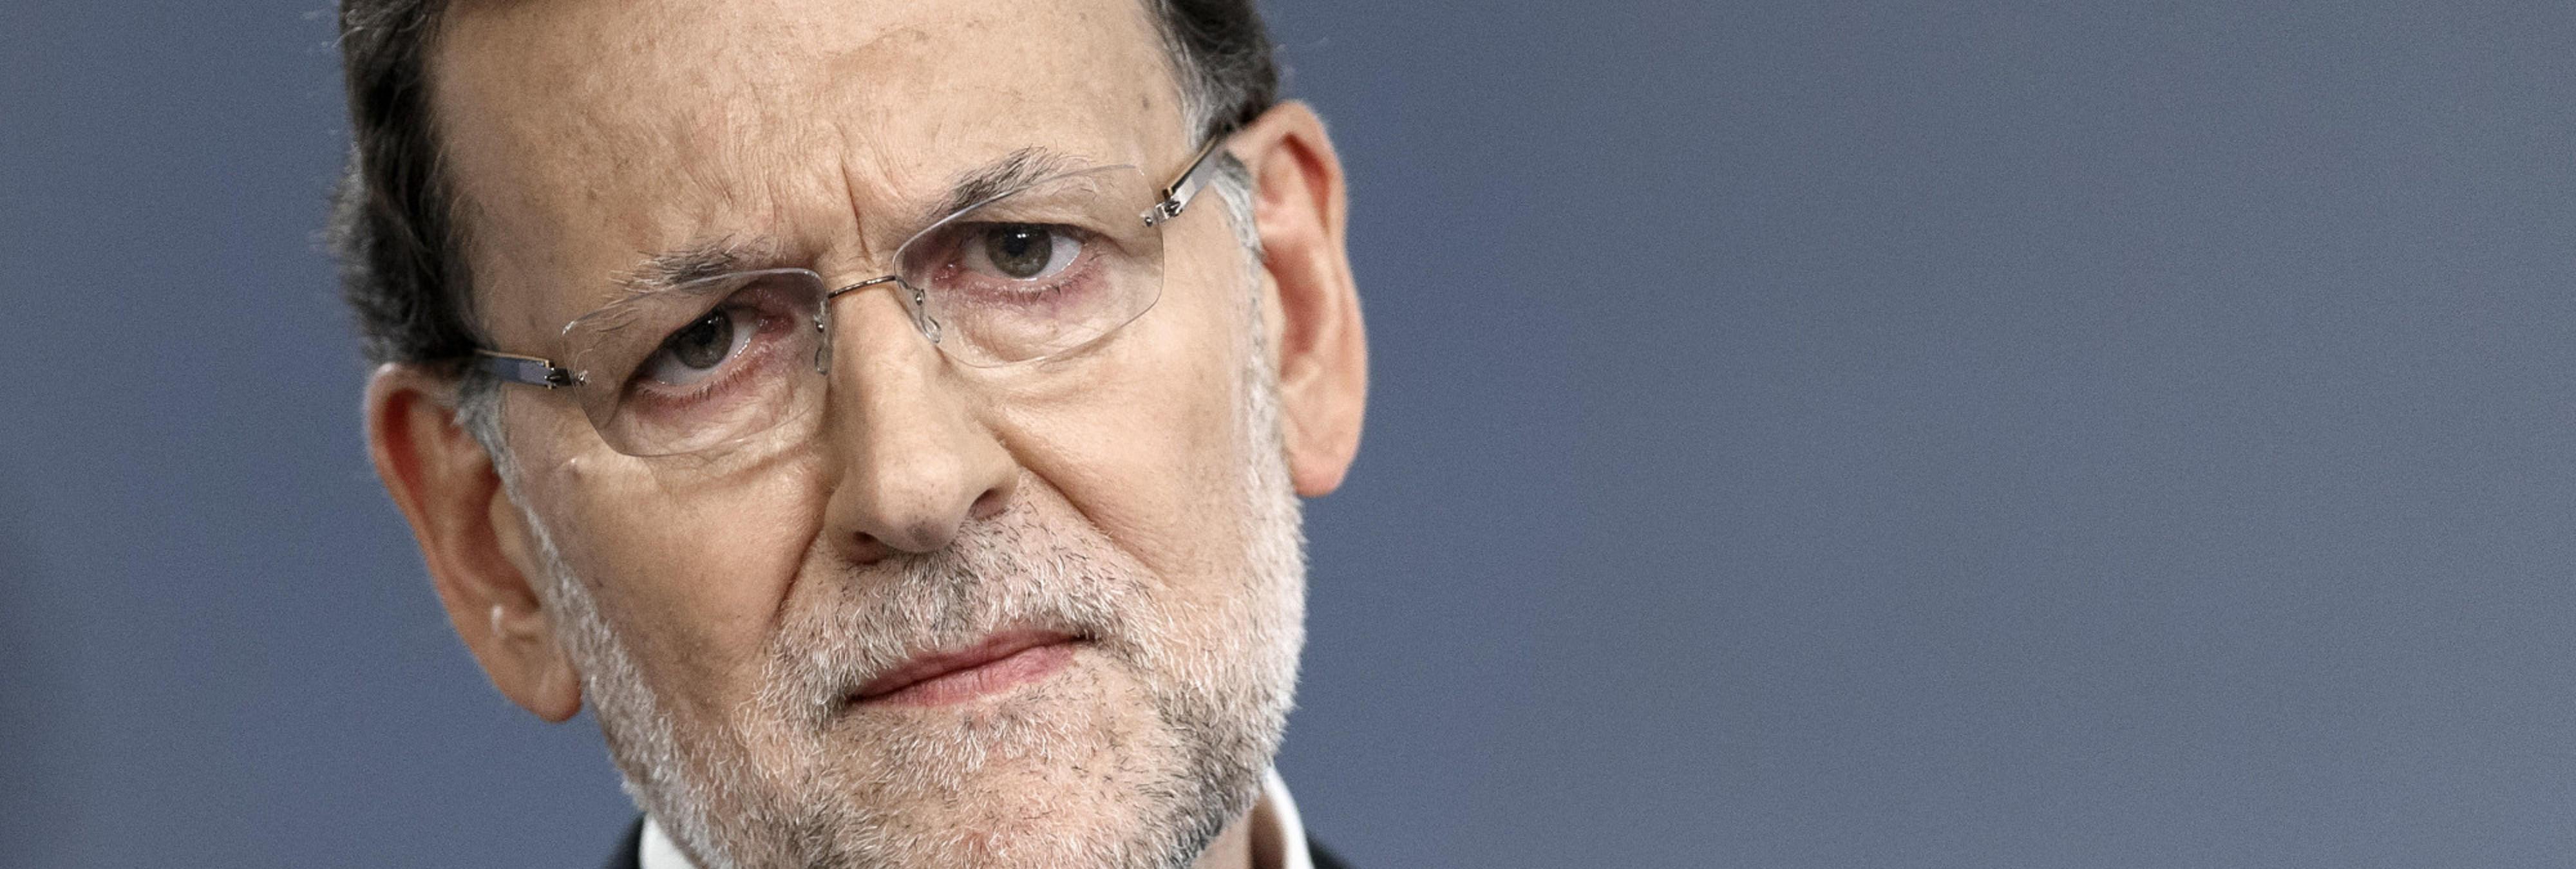 Sí, pero no: Así cede Ciudadanos ante Rajoy una y otra vez